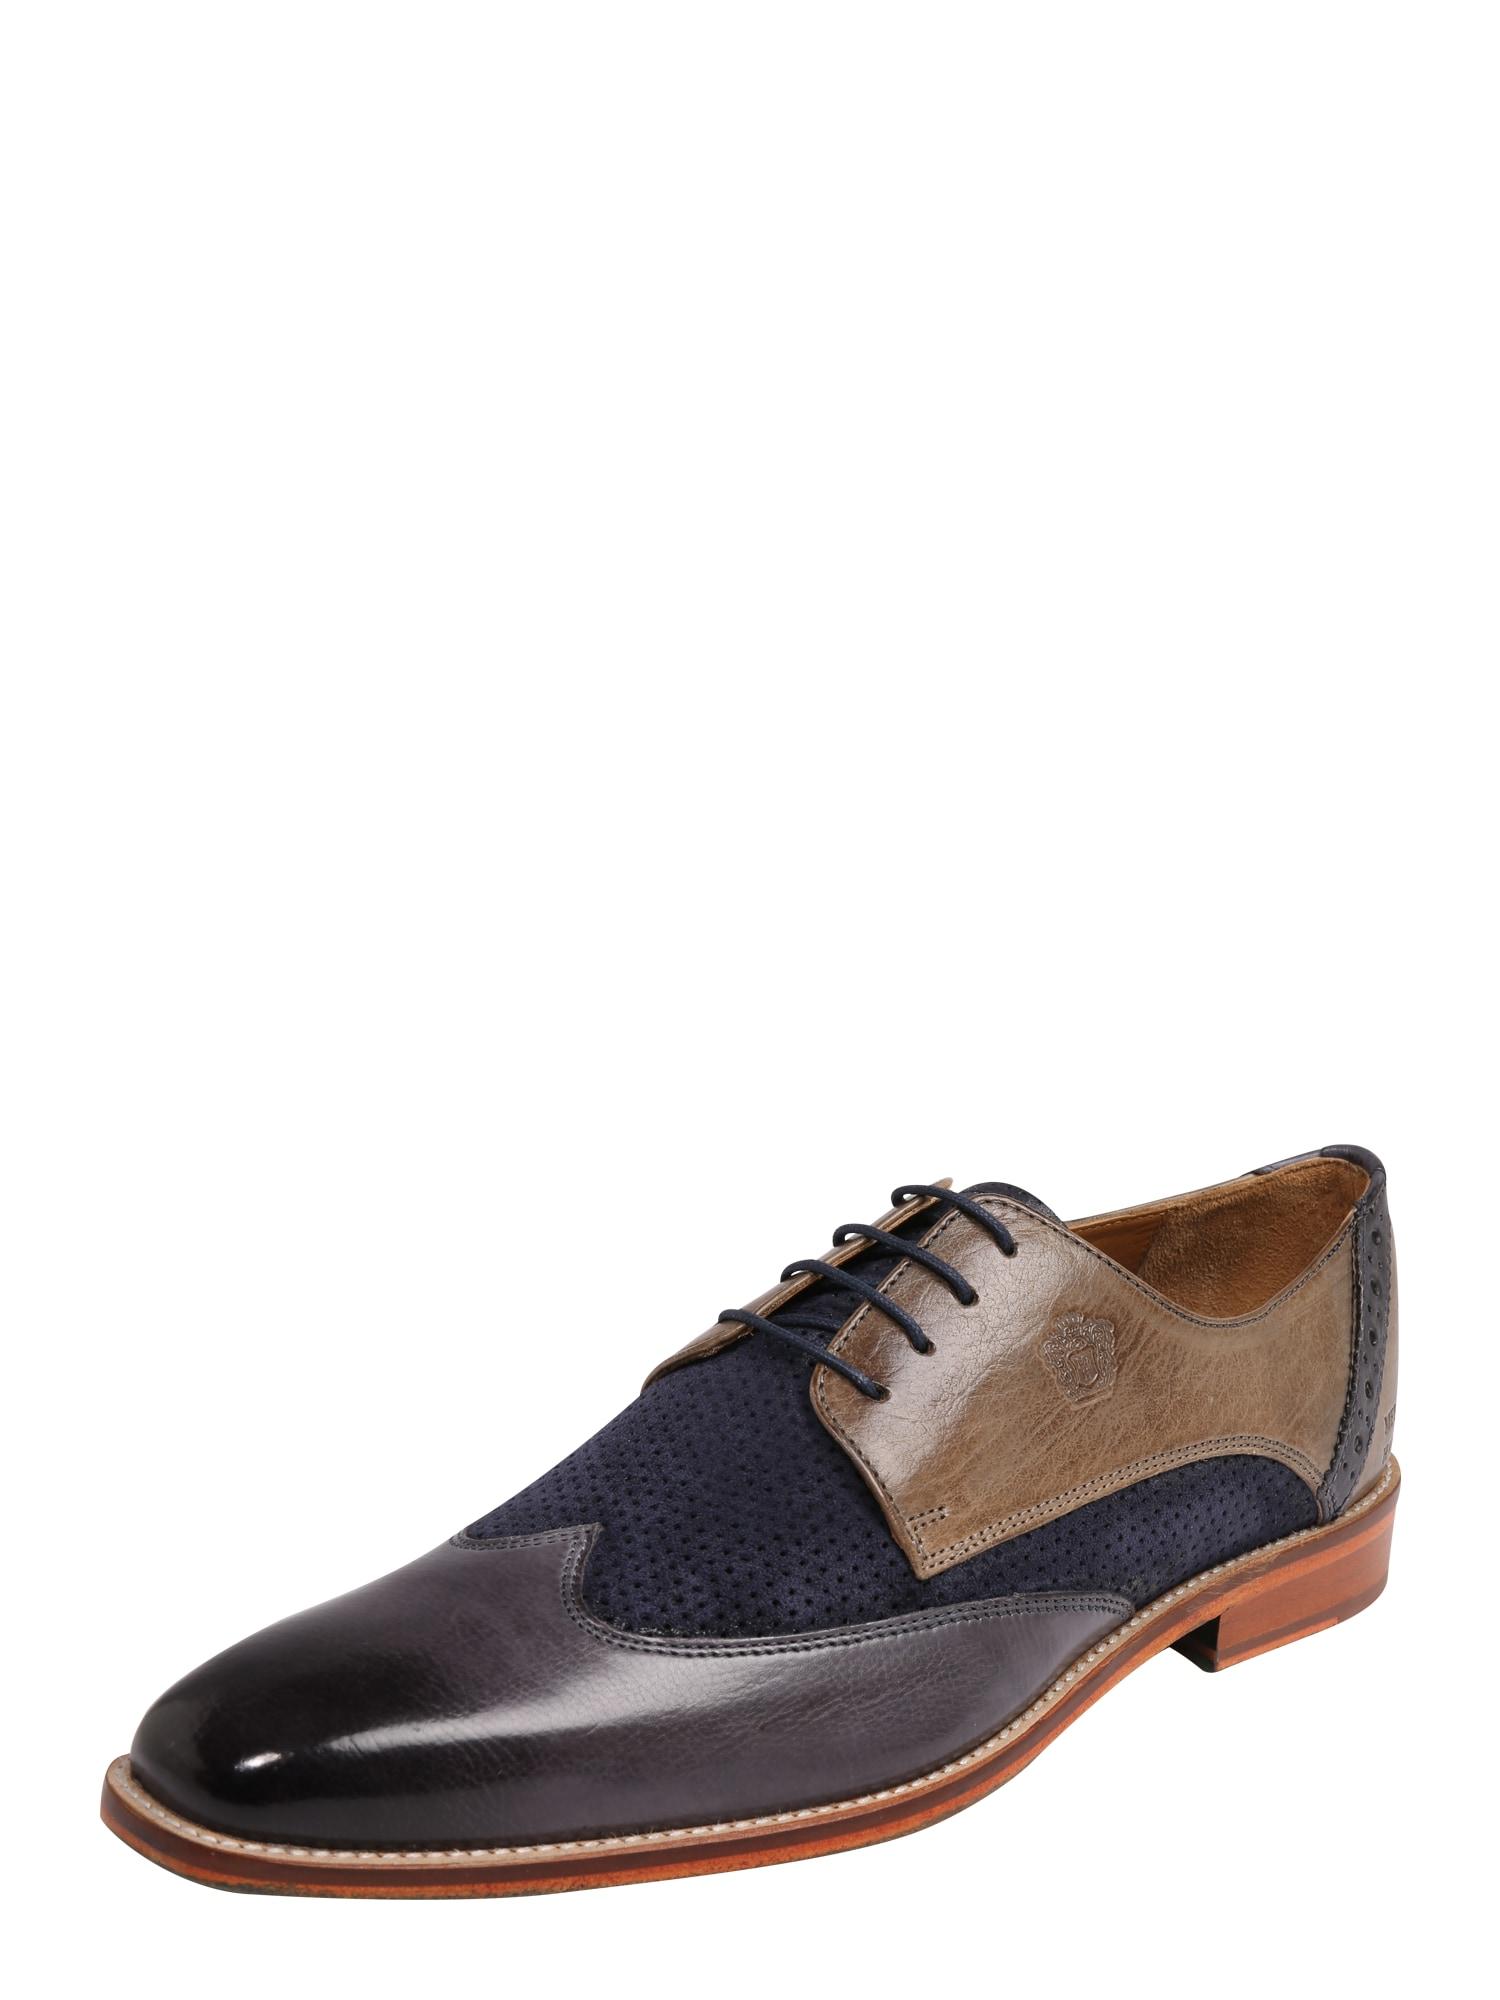 Šněrovací boty Martin 7 námořnická modř šedá MELVIN & HAMILTON